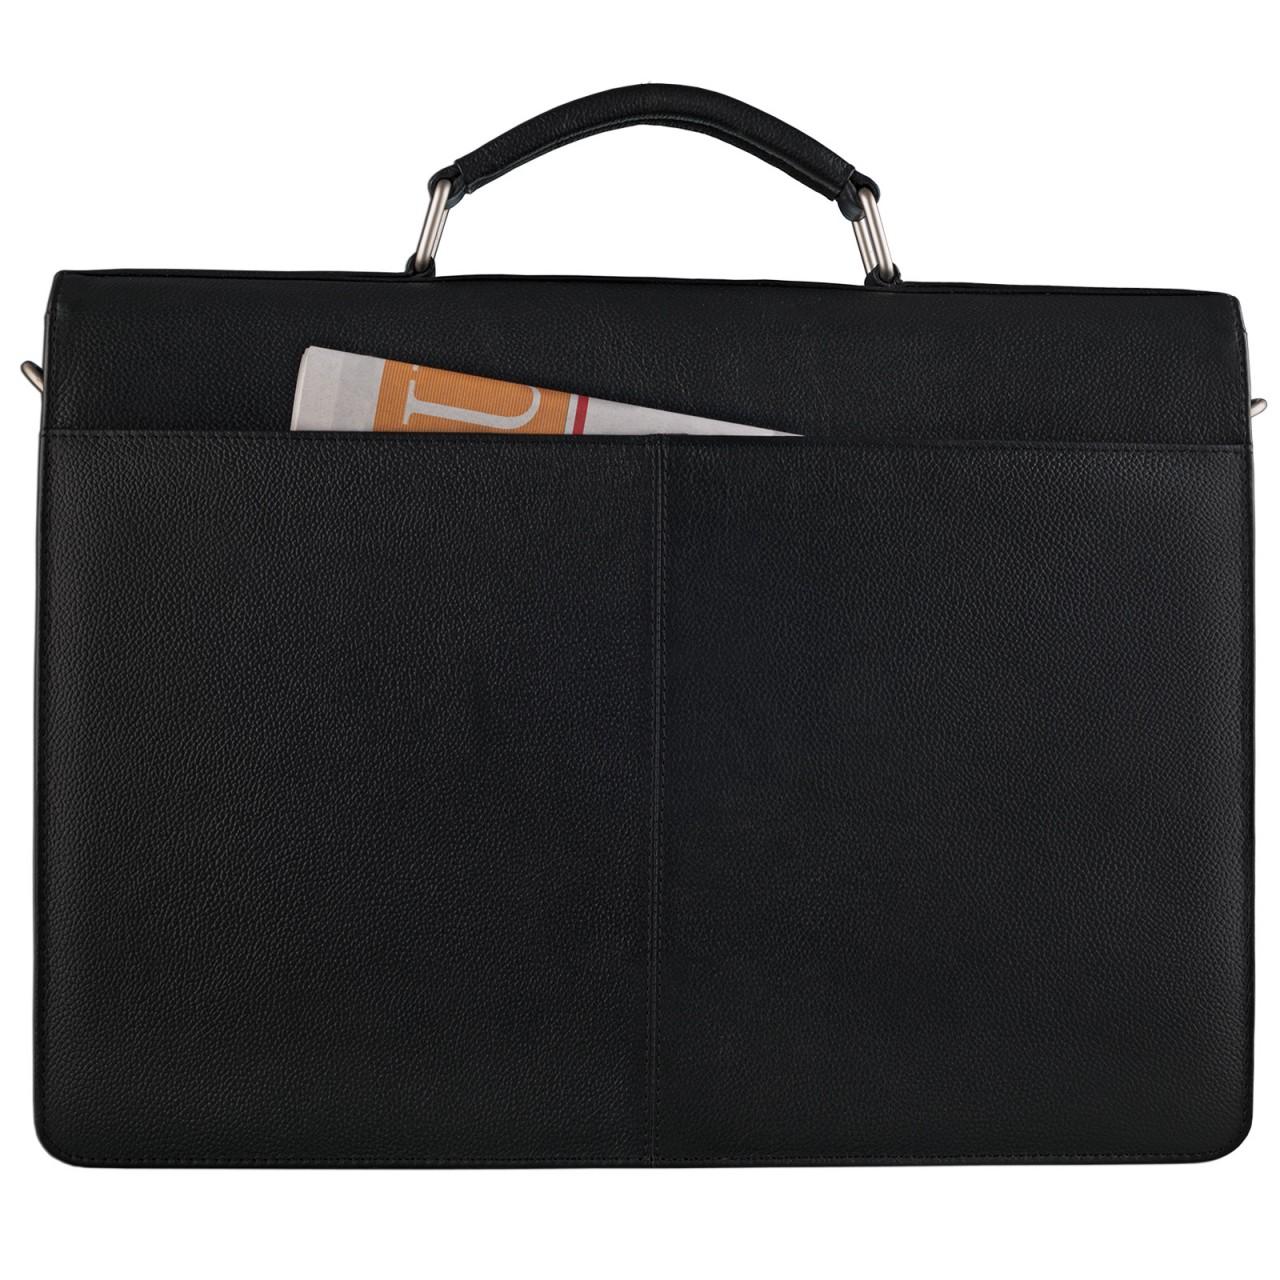 Office Bürotasche STILORD schwarzes Leder elegant stilvoll